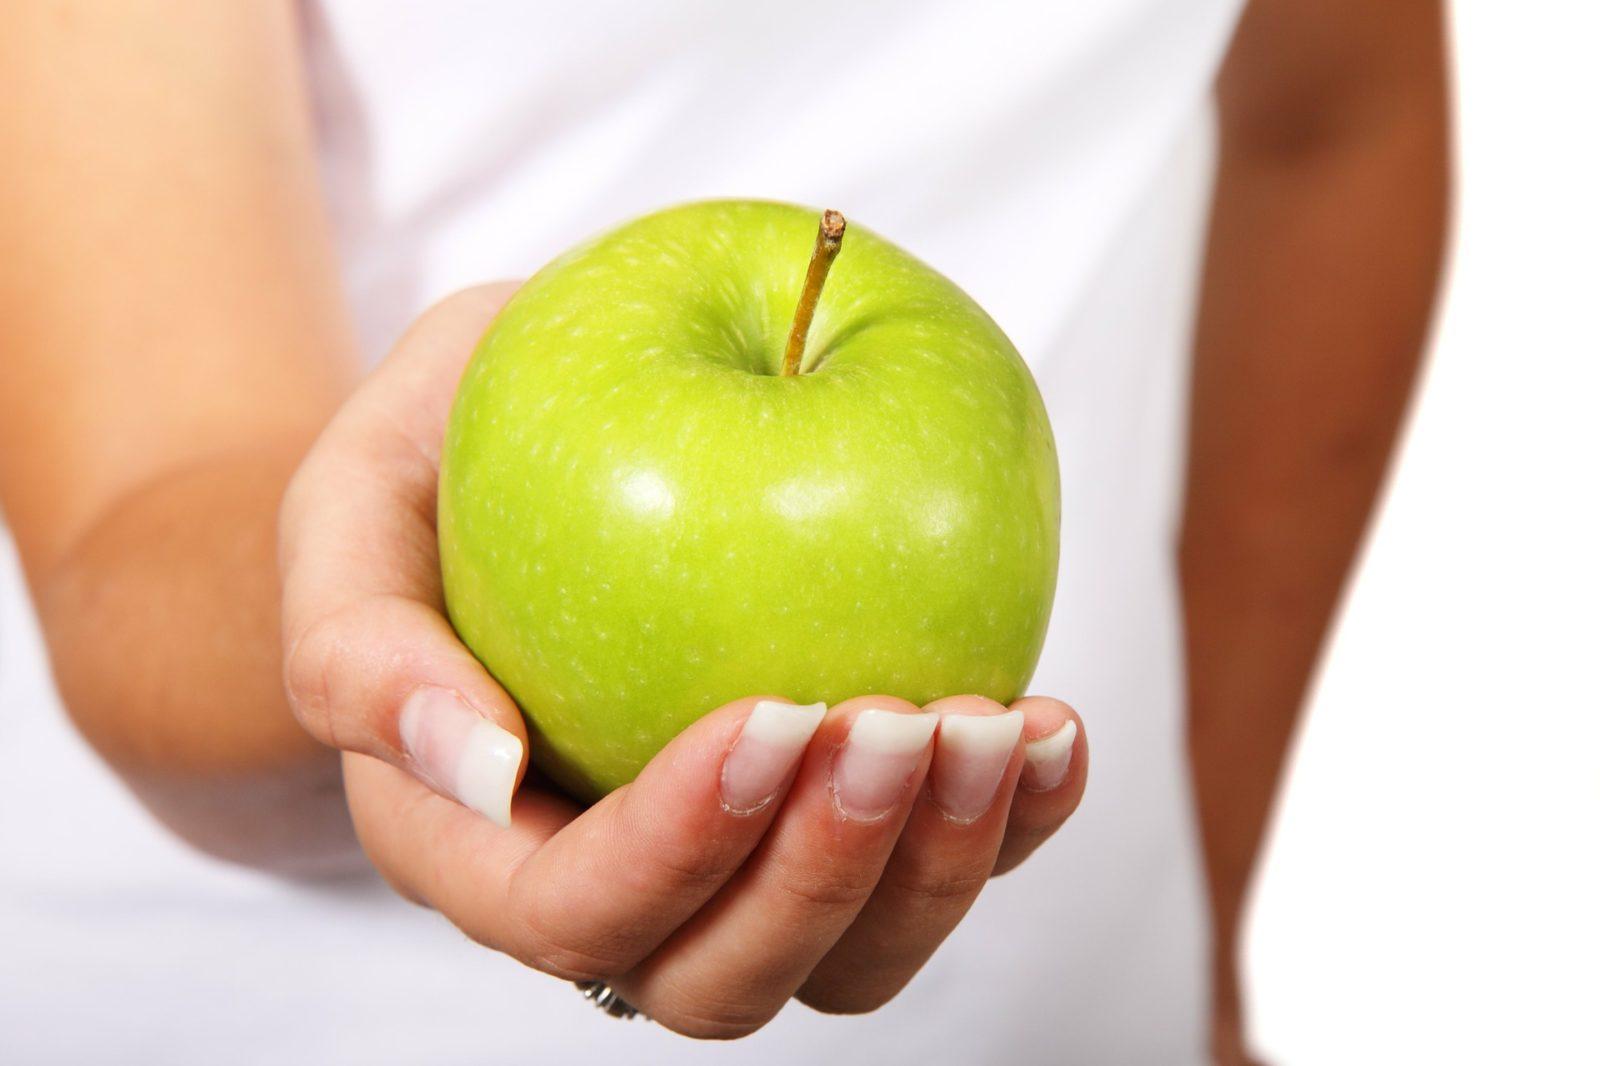 Эффект Похудения От Яблок. Как есть яблоки для похудения и на диете